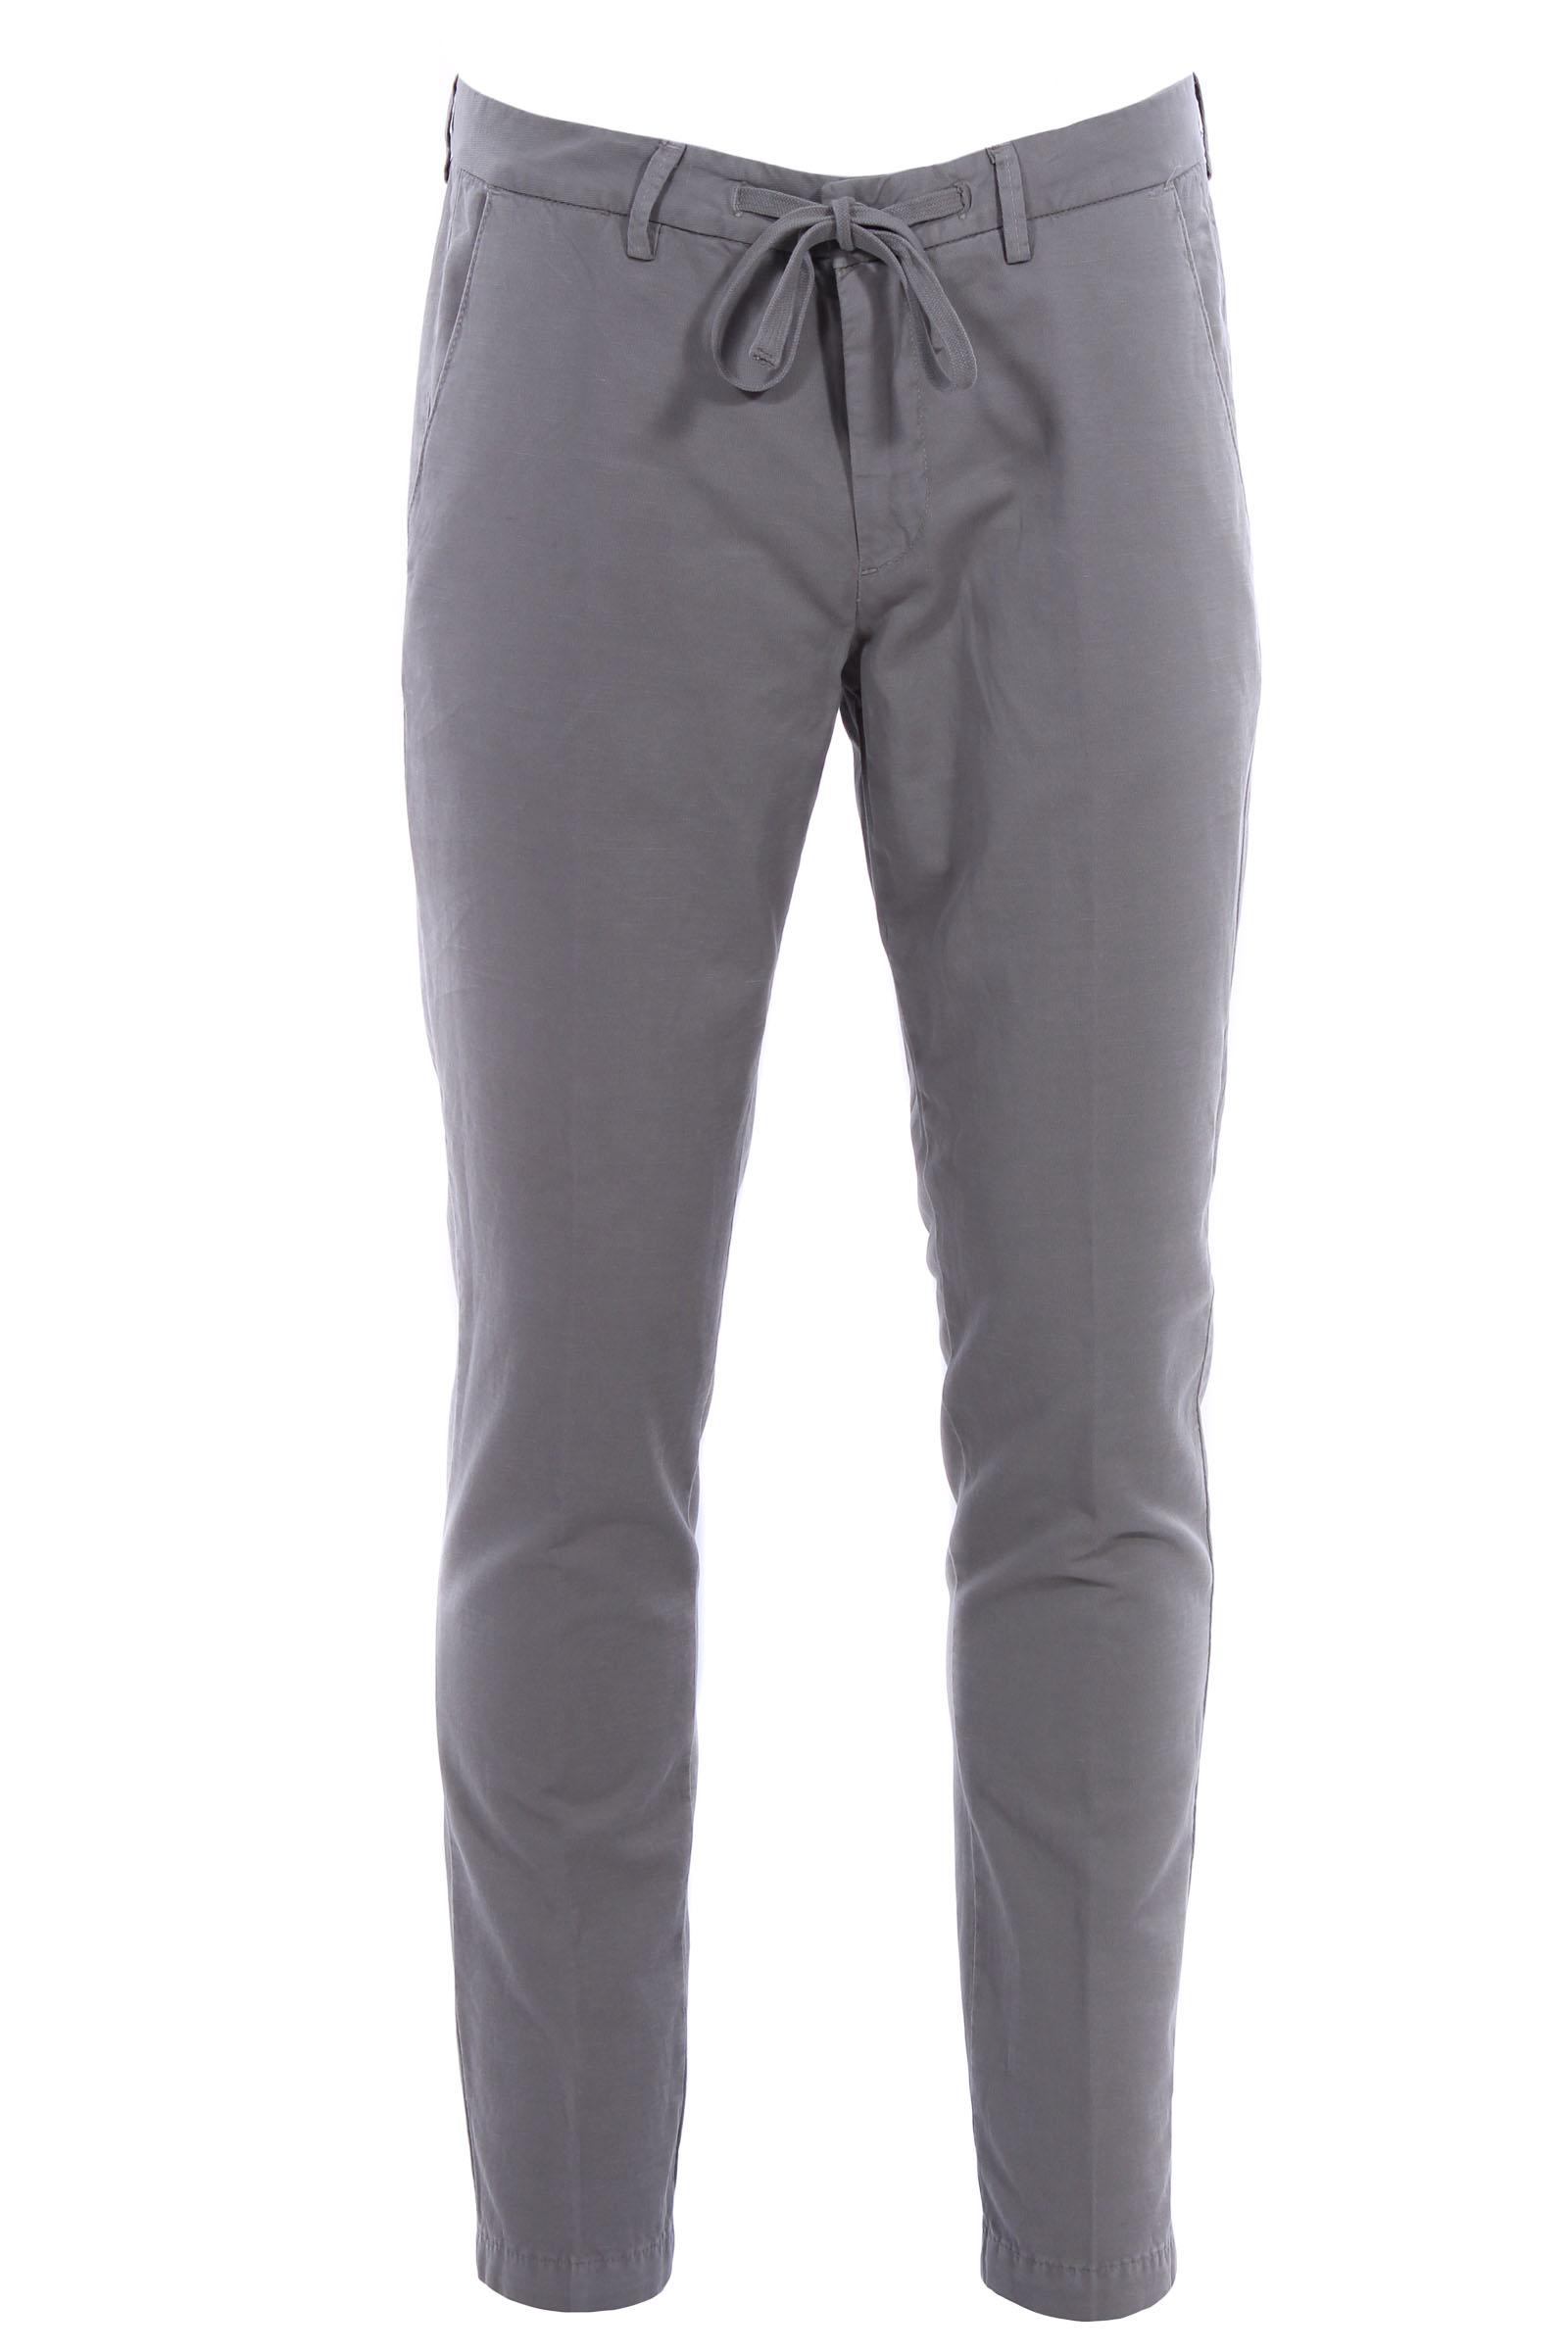 Cheaper negozio ufficiale vari colori Pantaloni jogging in lino e cotone stretch - BRIGLIA - Virno